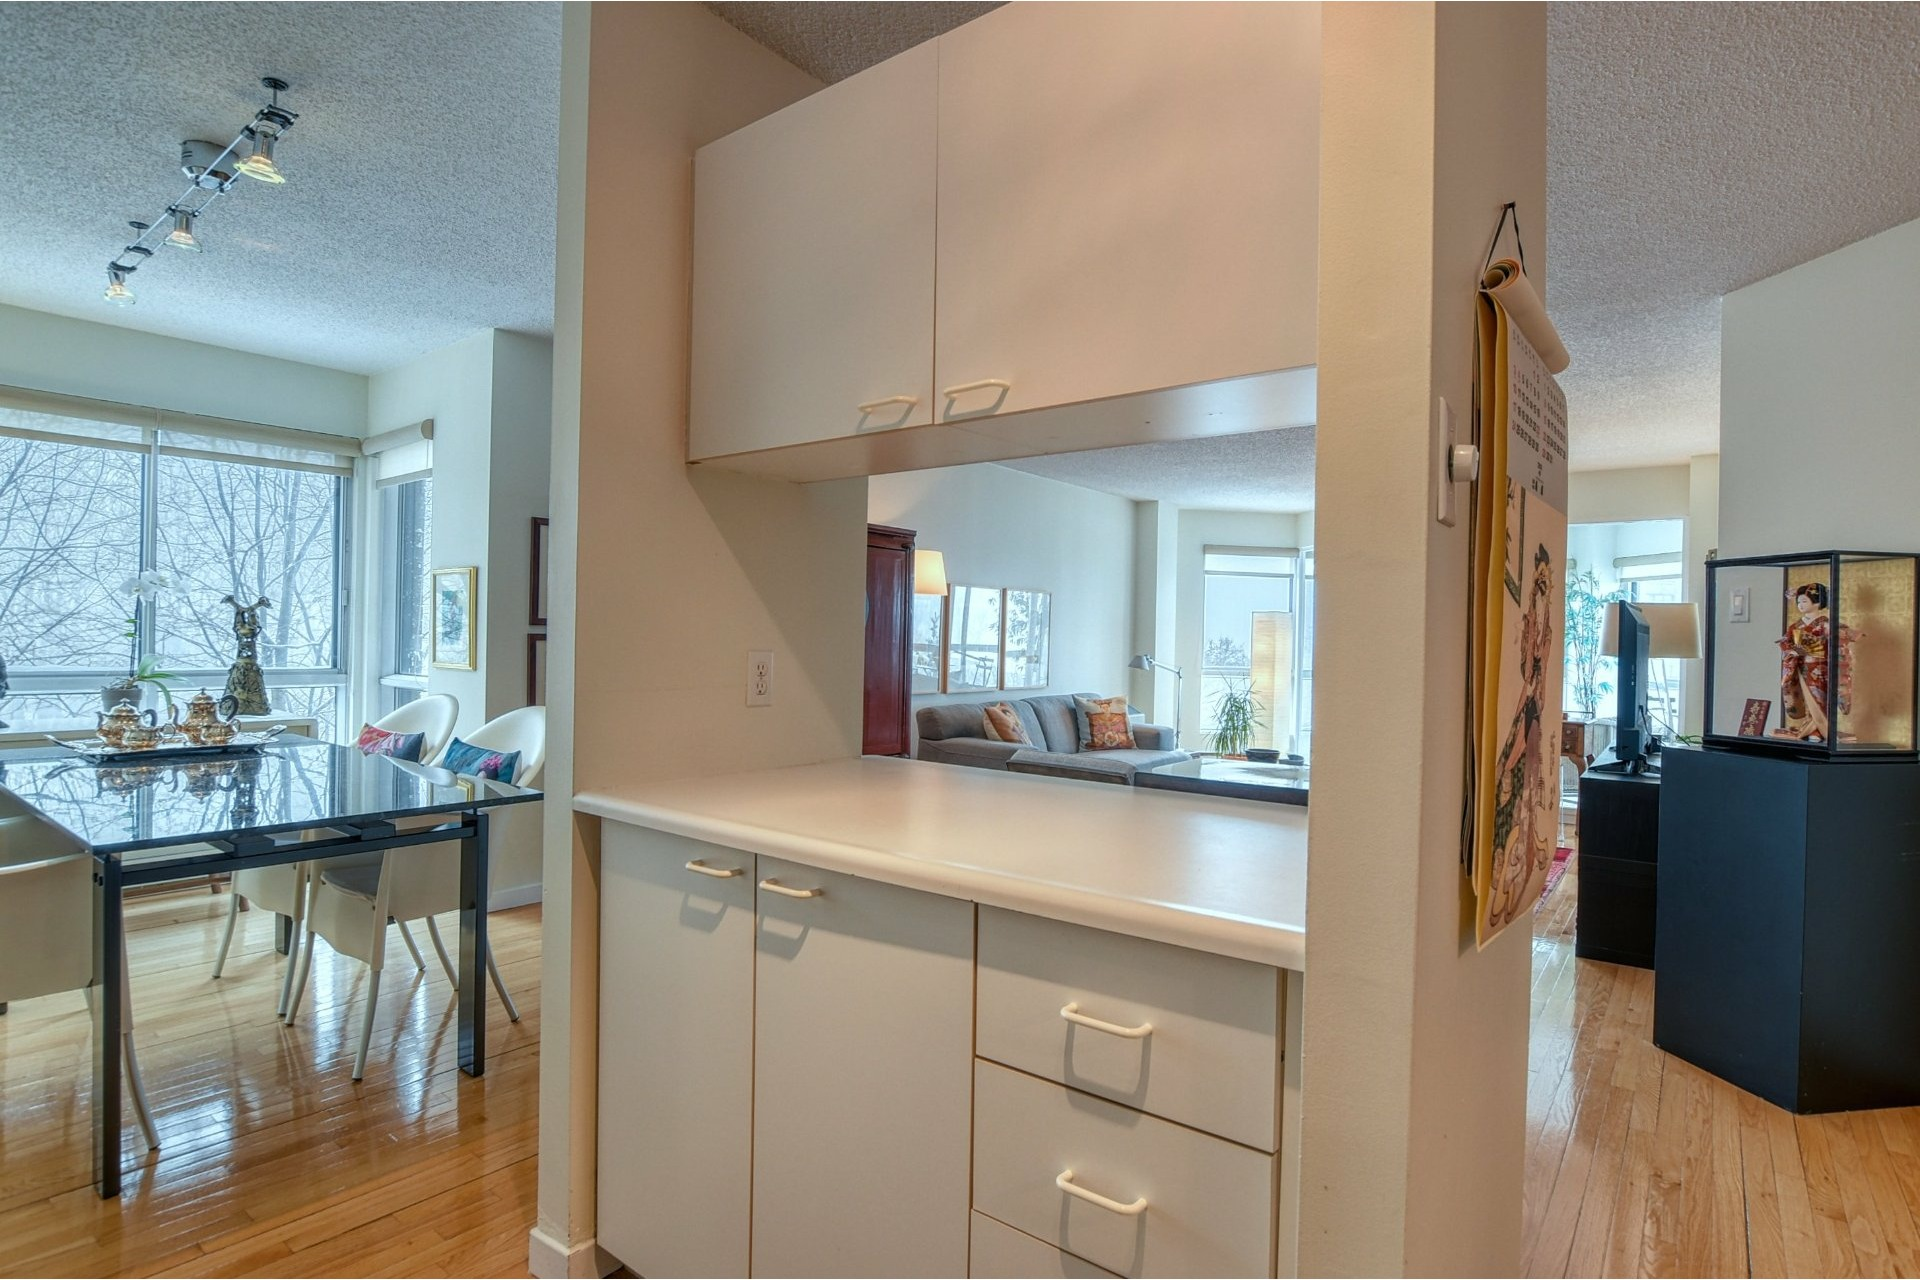 image 12 - Appartement À vendre Verdun/Île-des-Soeurs Montréal  - 6 pièces